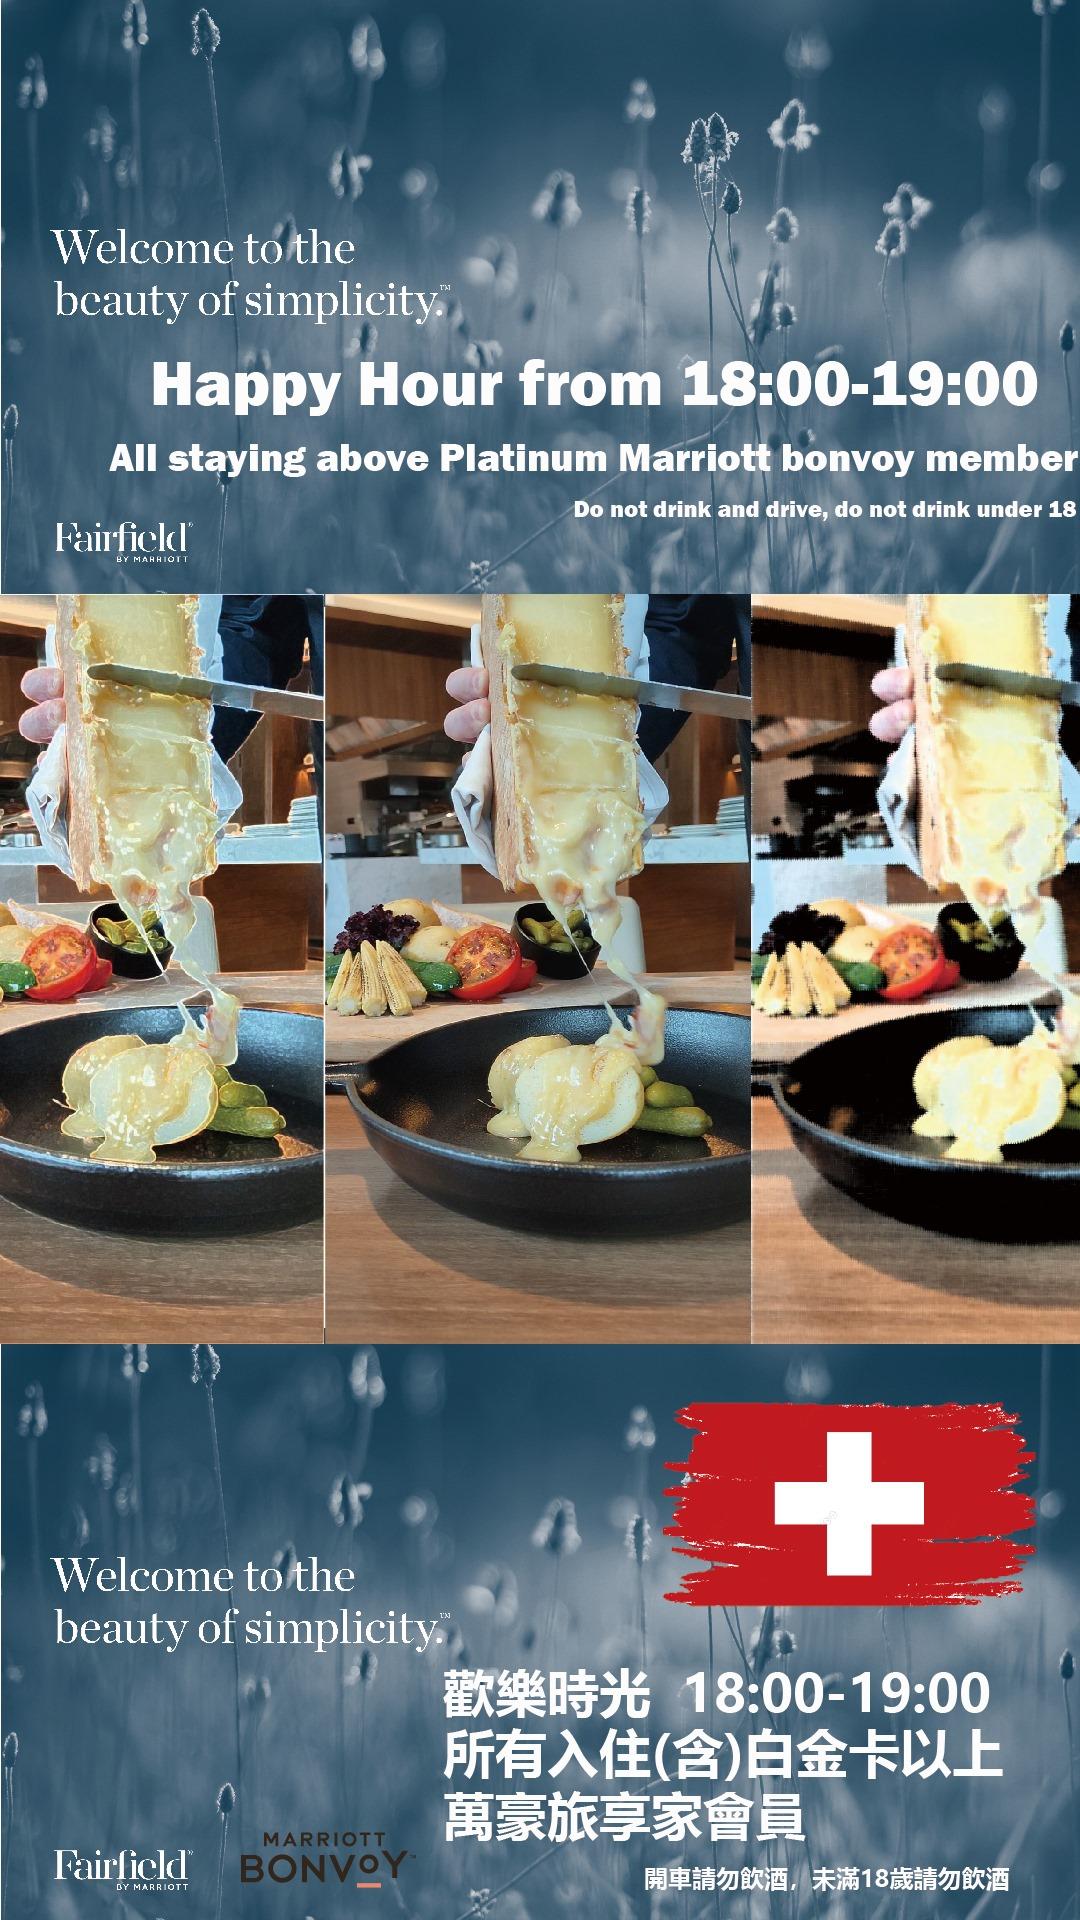 楓橋餐廳瑞士傳統經典料理上架!拉克萊特起司讓你一秒到瑞士